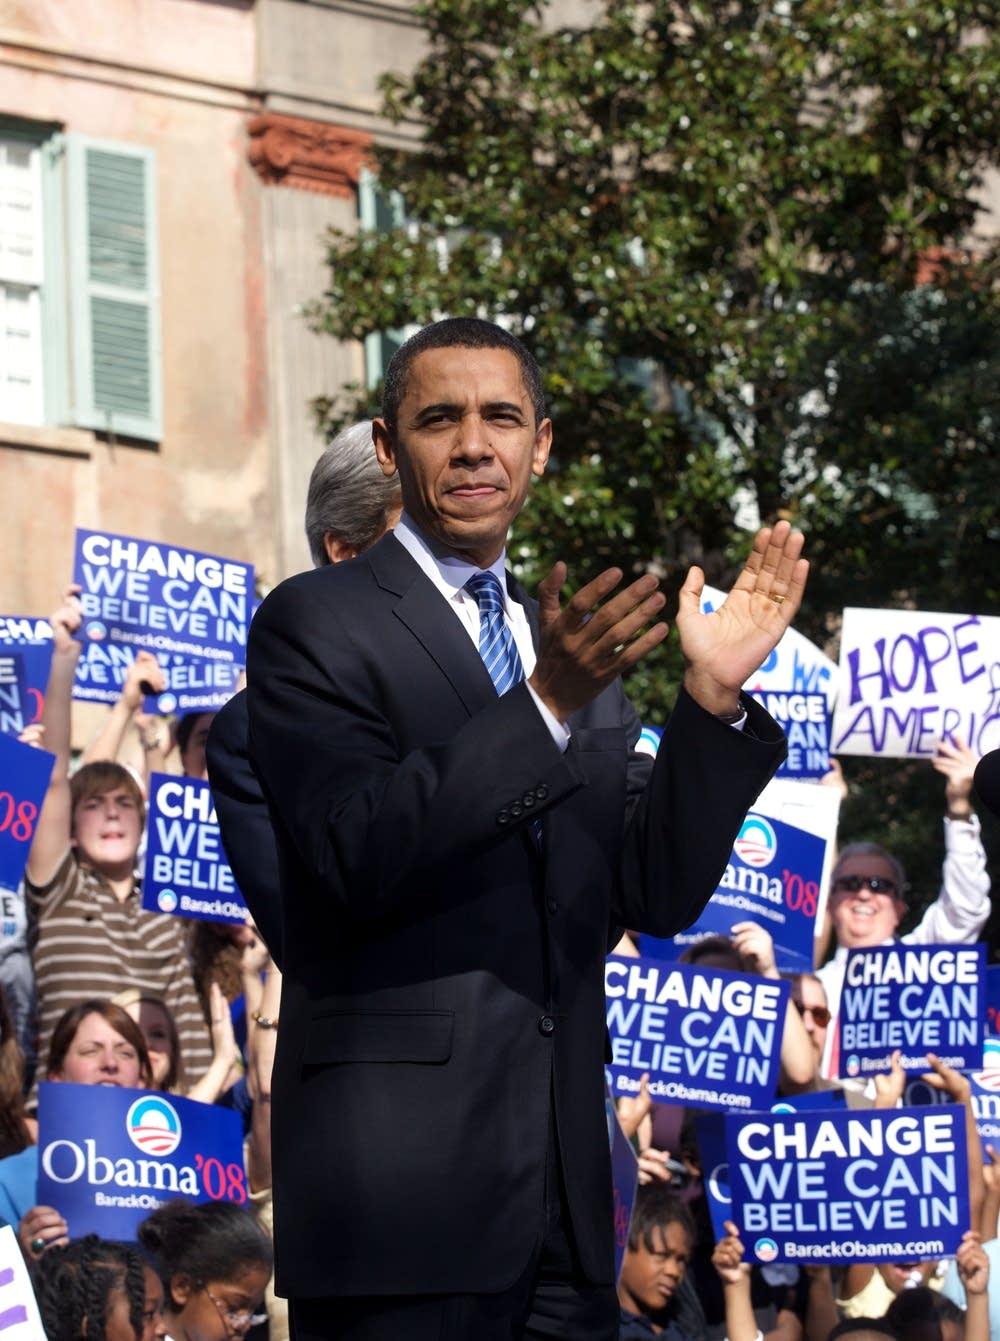 Obama in South Carolina